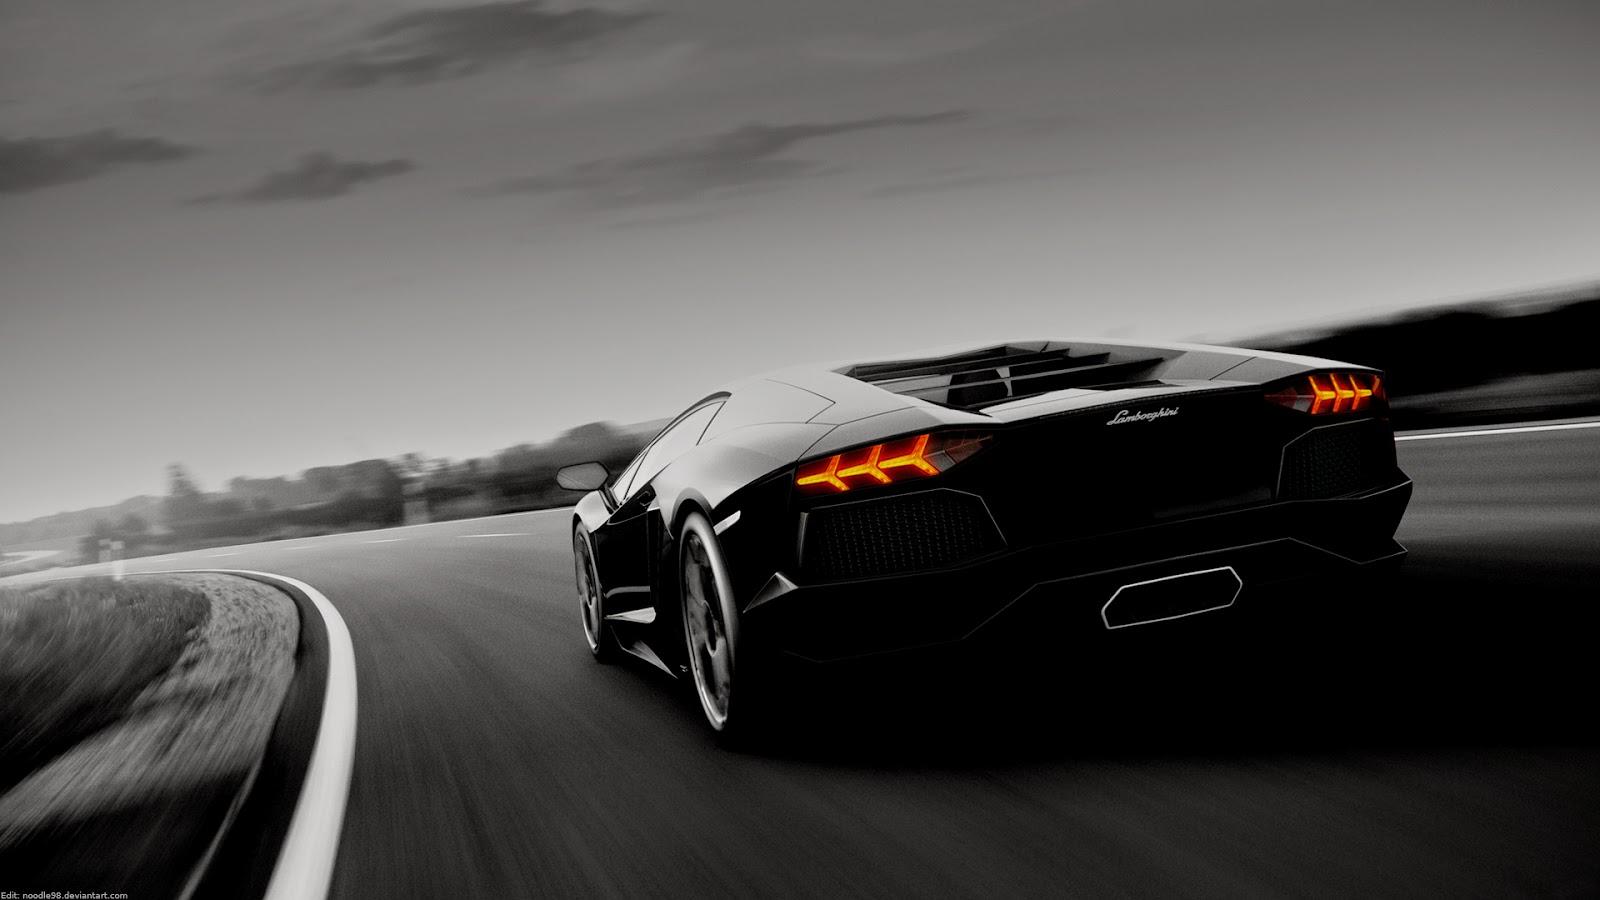 ดาวน์โหลด Lamborghini Wallpaper Hd พื้นที่ Download สำหรับคนชอบ Load